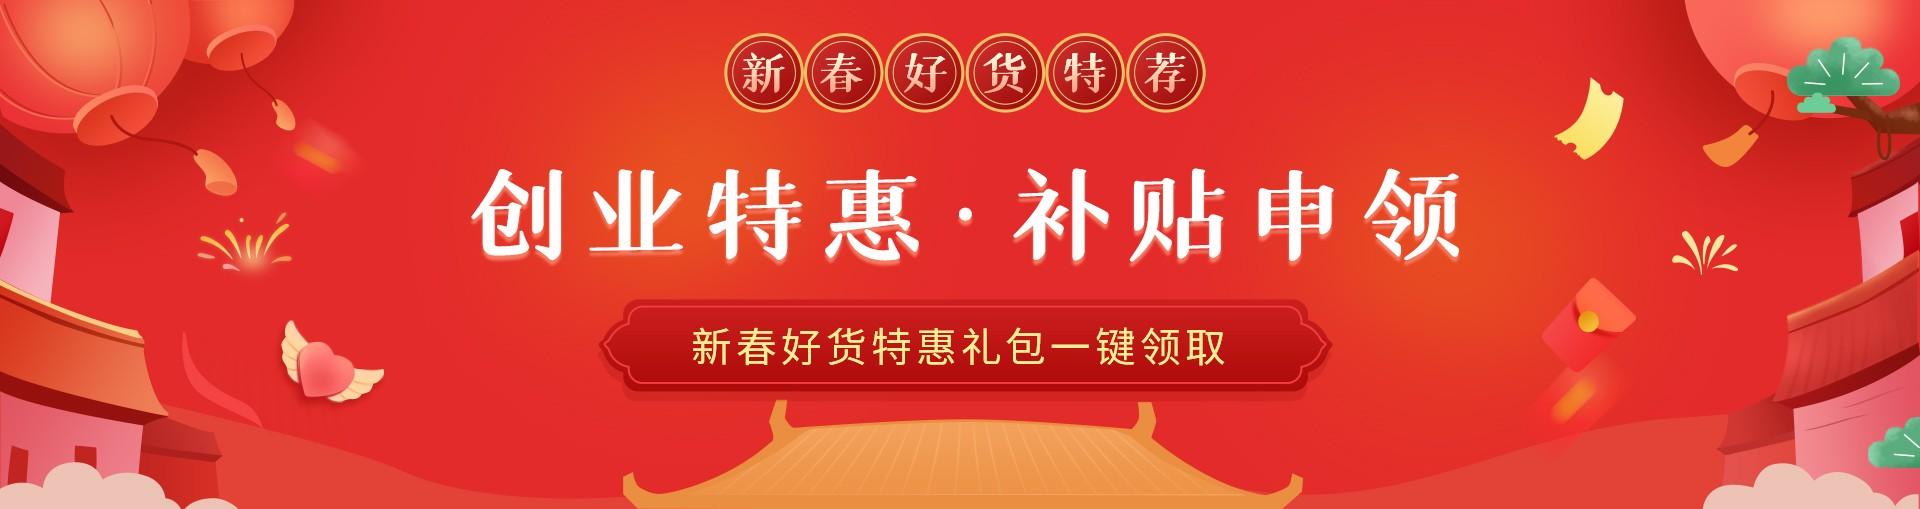 网站首图yu